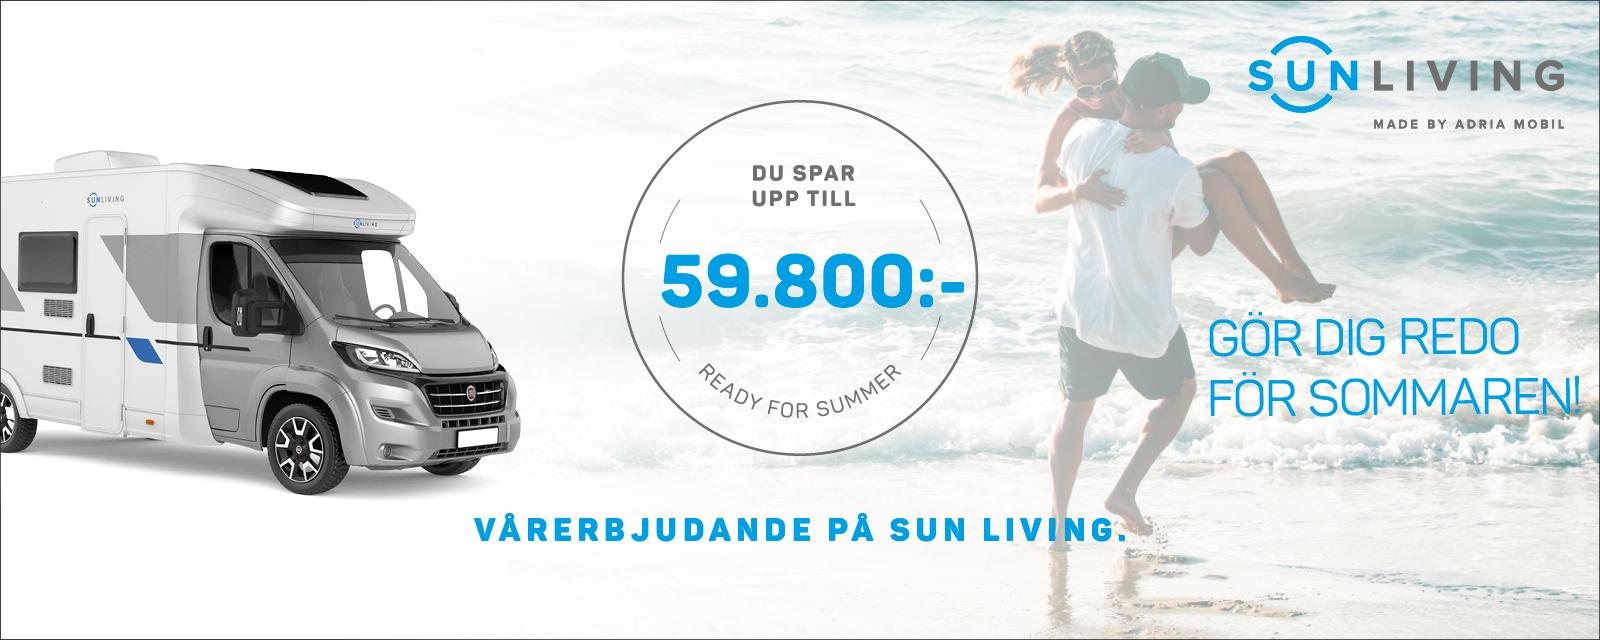 Gör dig redo för sommaren med Sun Living!